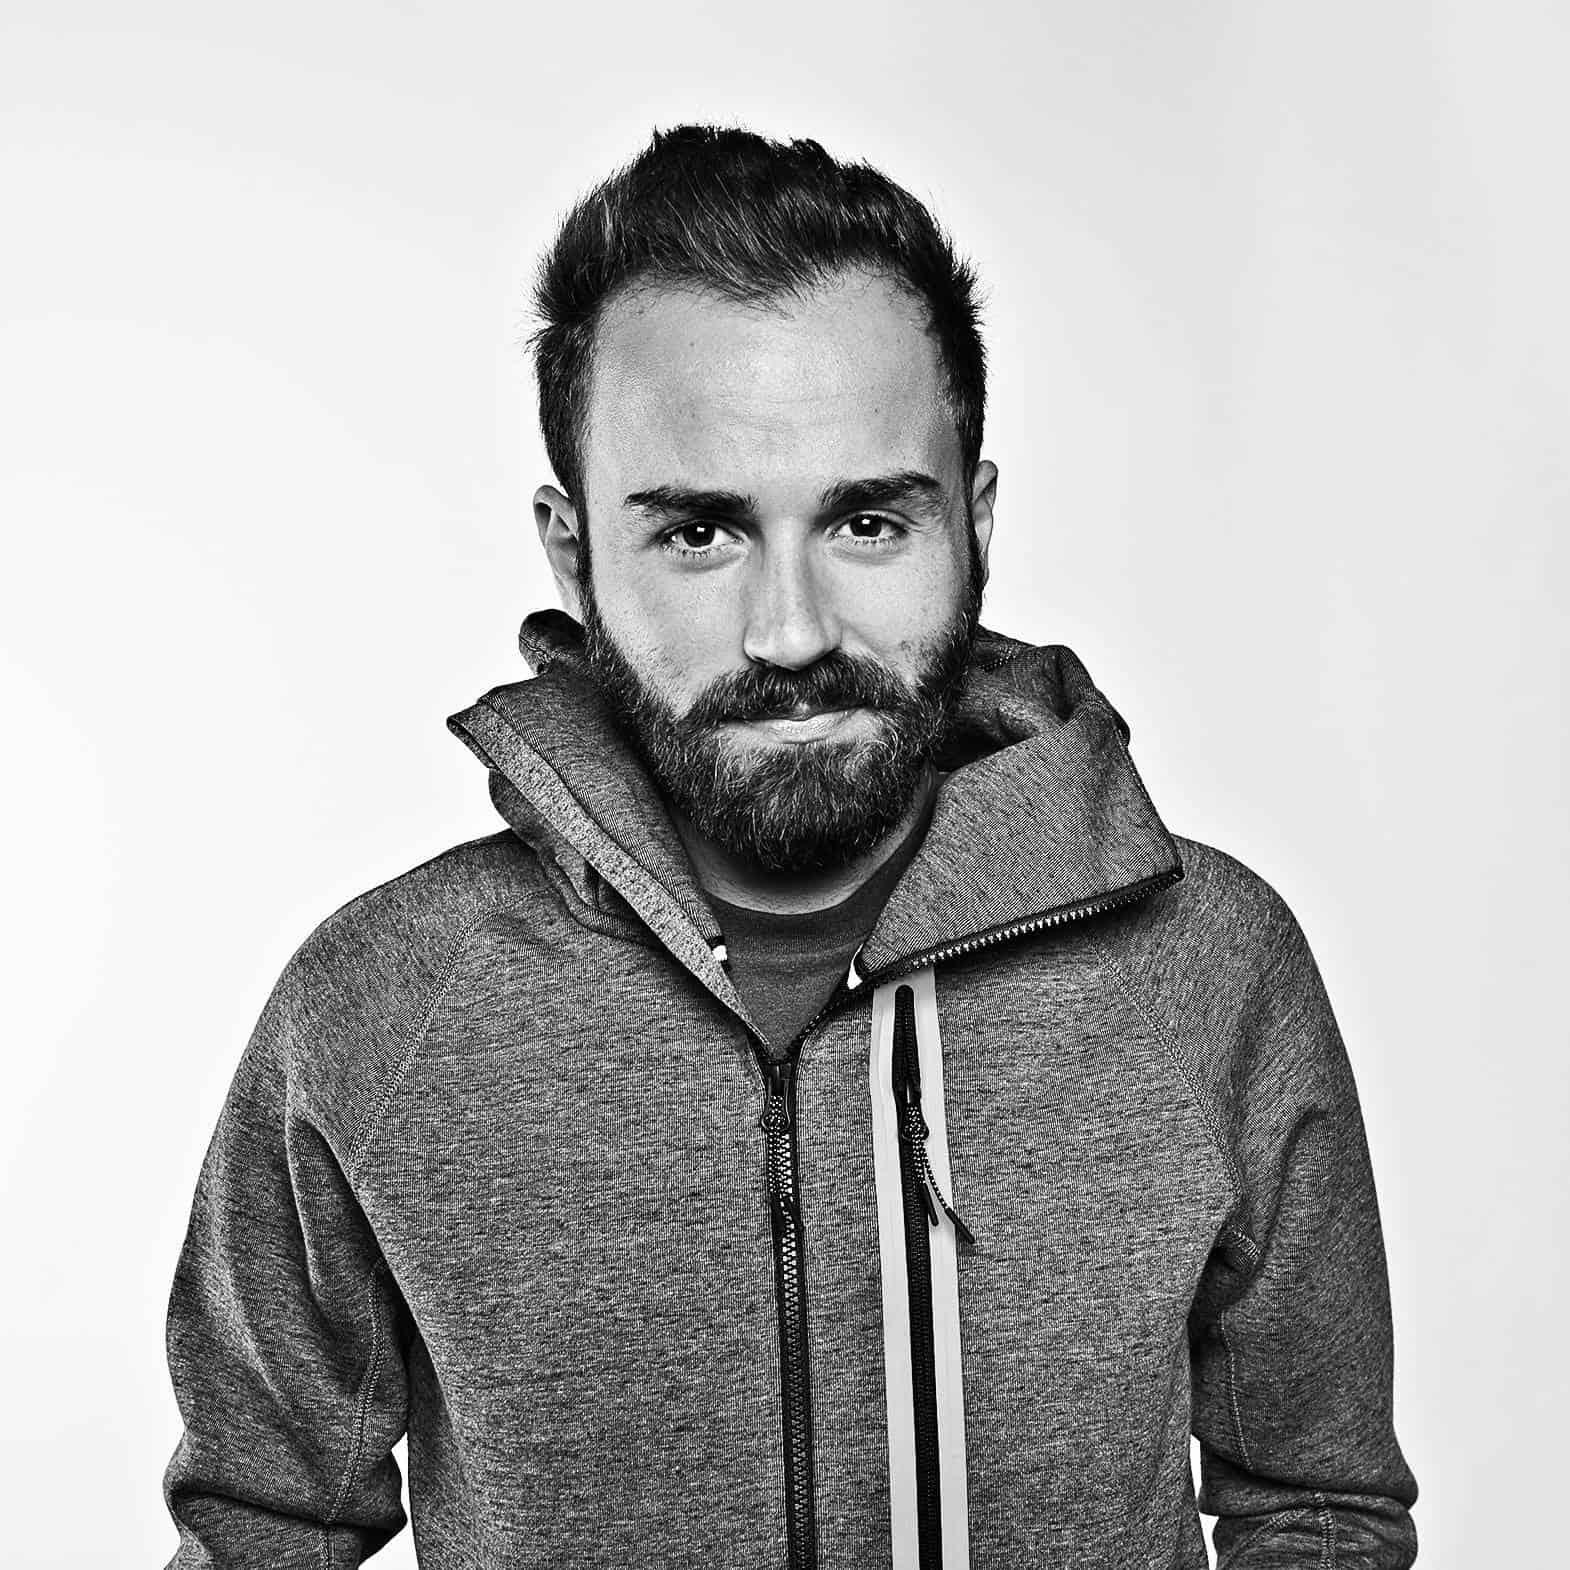 https://digitalmeet.it/wp-content/uploads/2016/03/Marco-De-Crescenzio.jpg